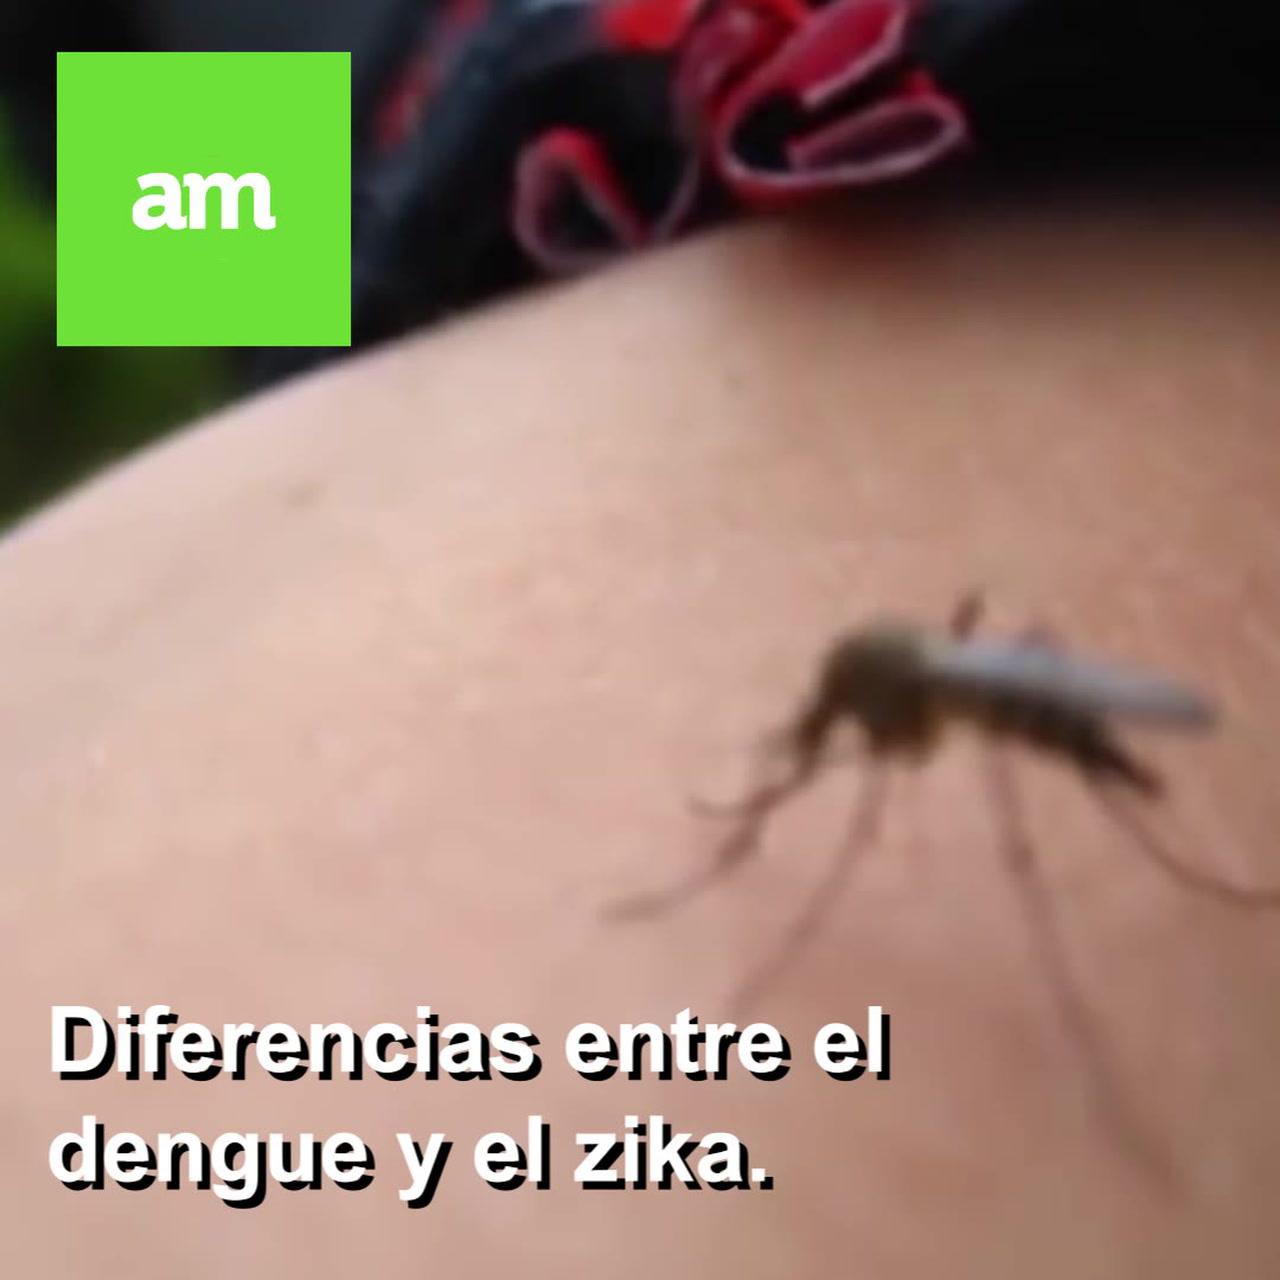 Dengue y Zika ¿cuáles son las diferencias?